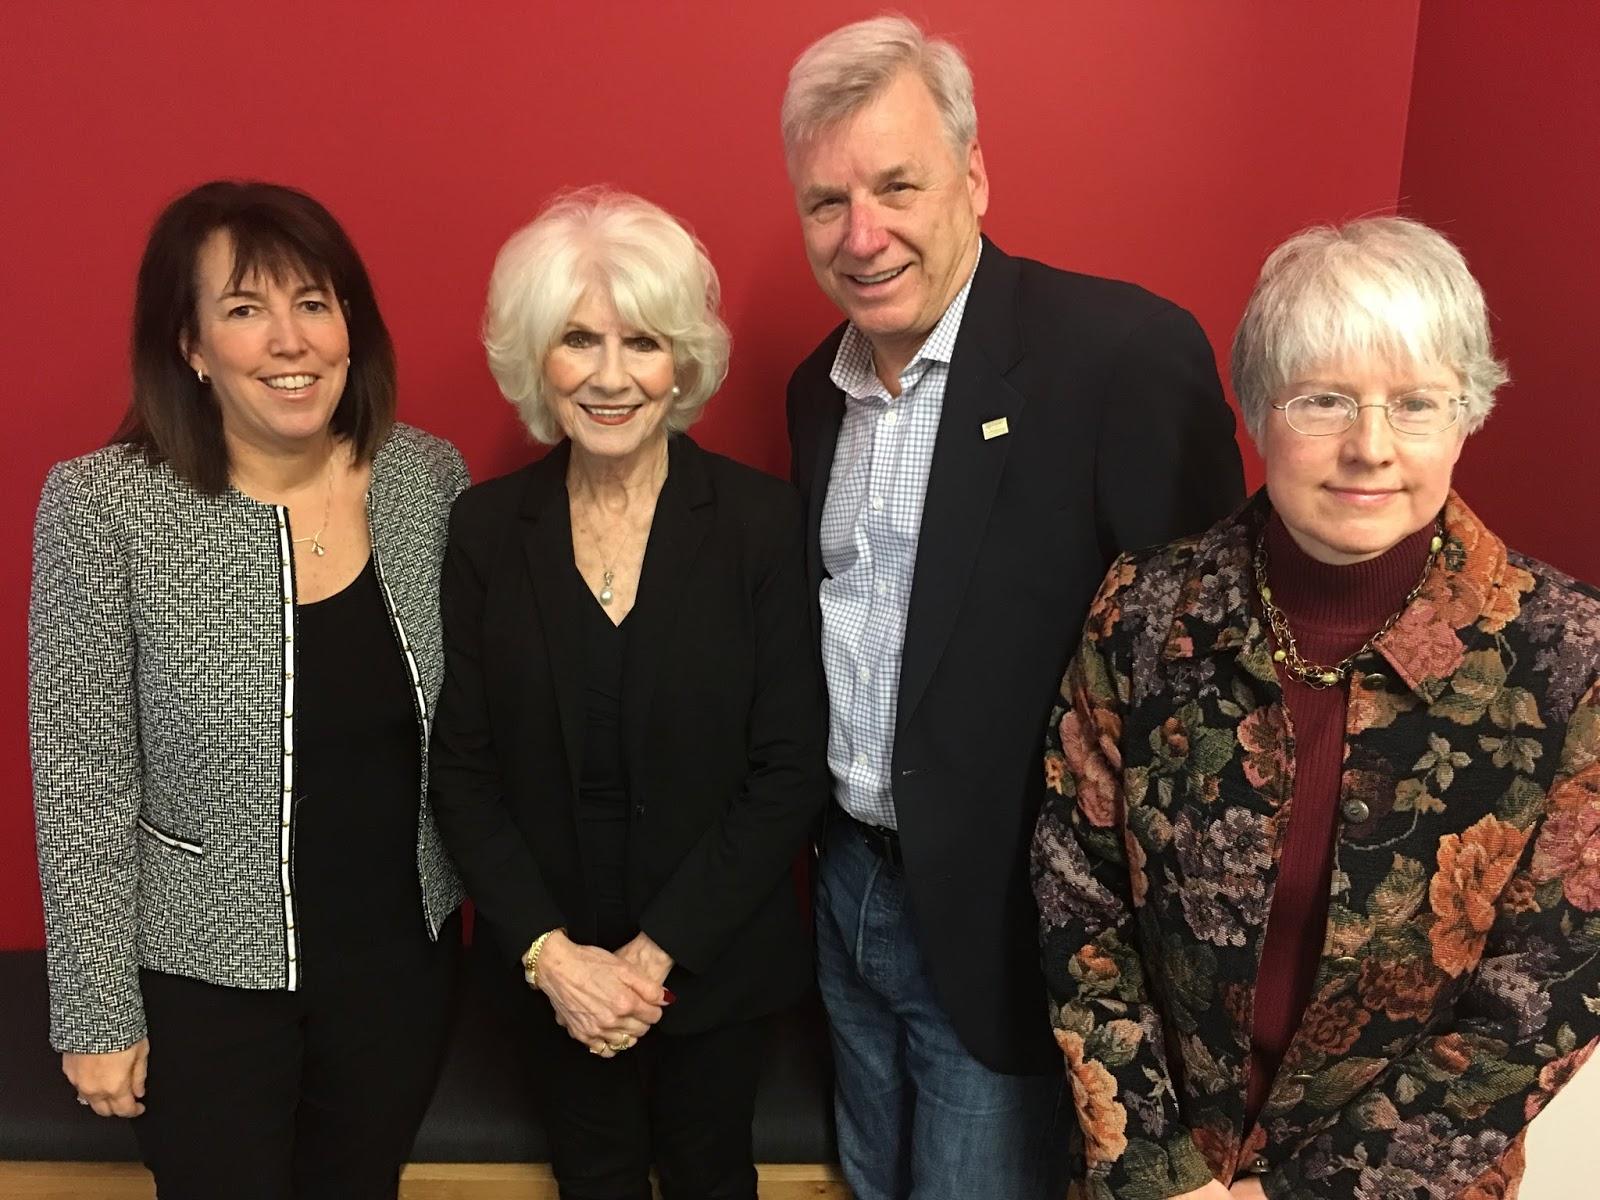 Listen to NPR's Diane Rehm Show